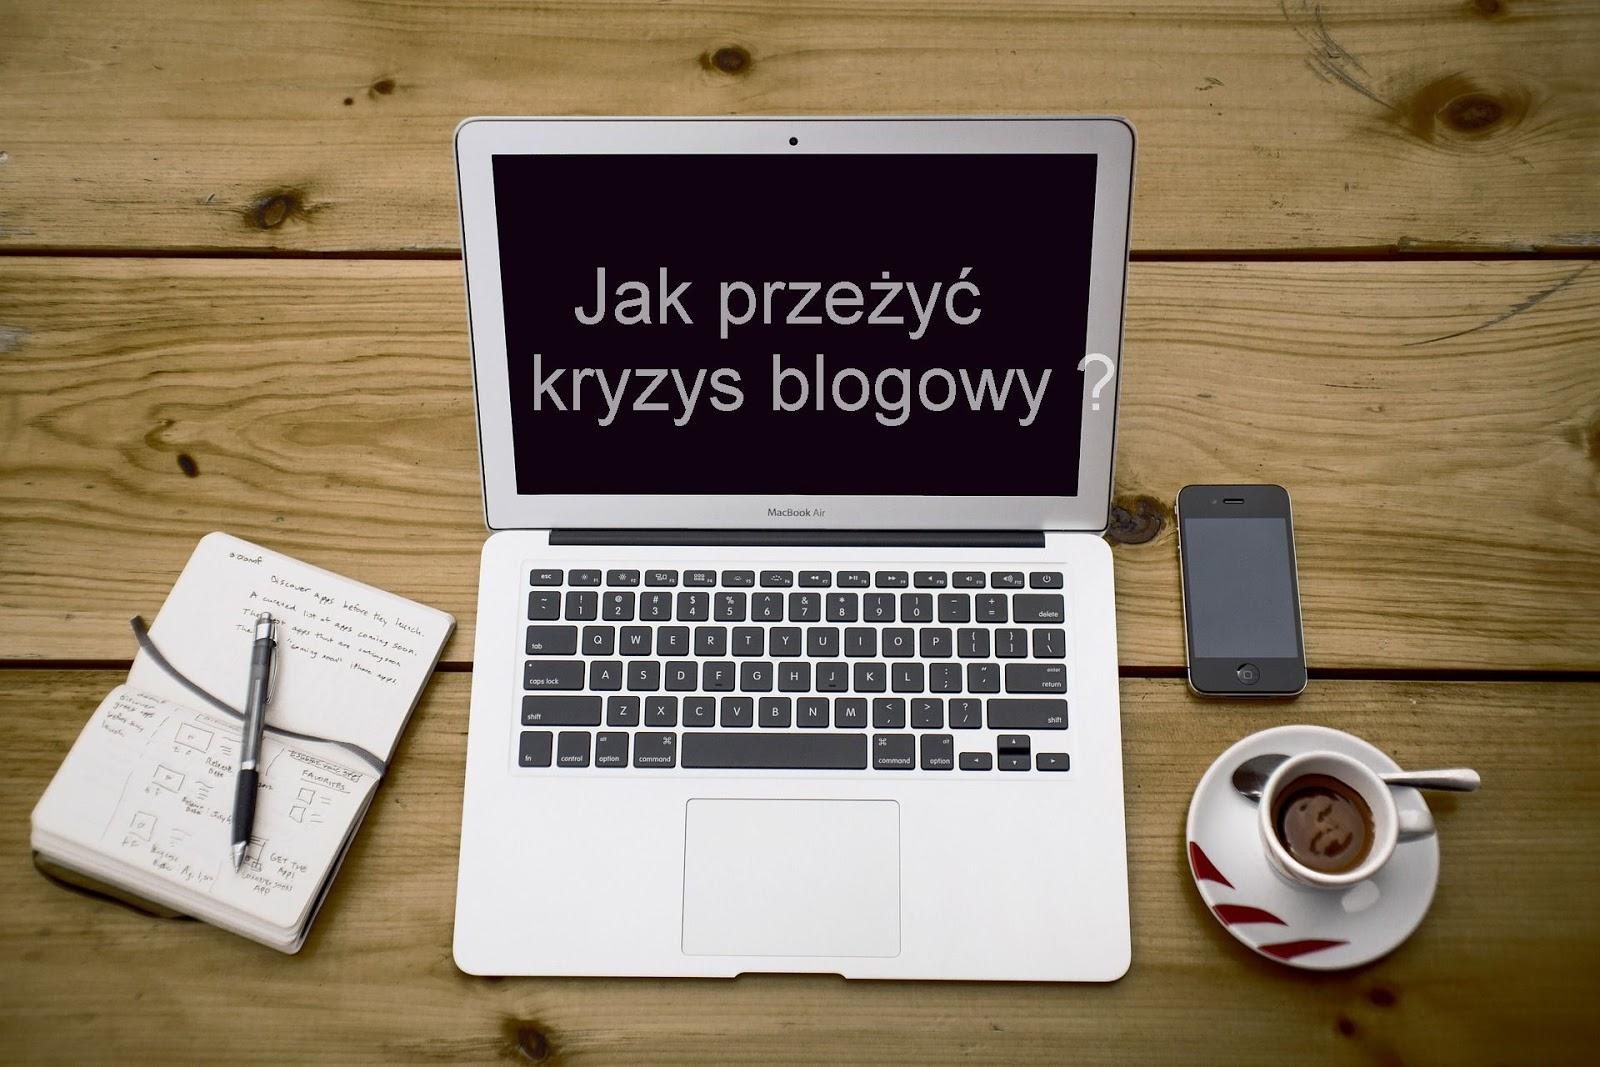 https://pixabay.com/pl/biuro-domowe-stacja-robocza-urz%C4%85d-336378/